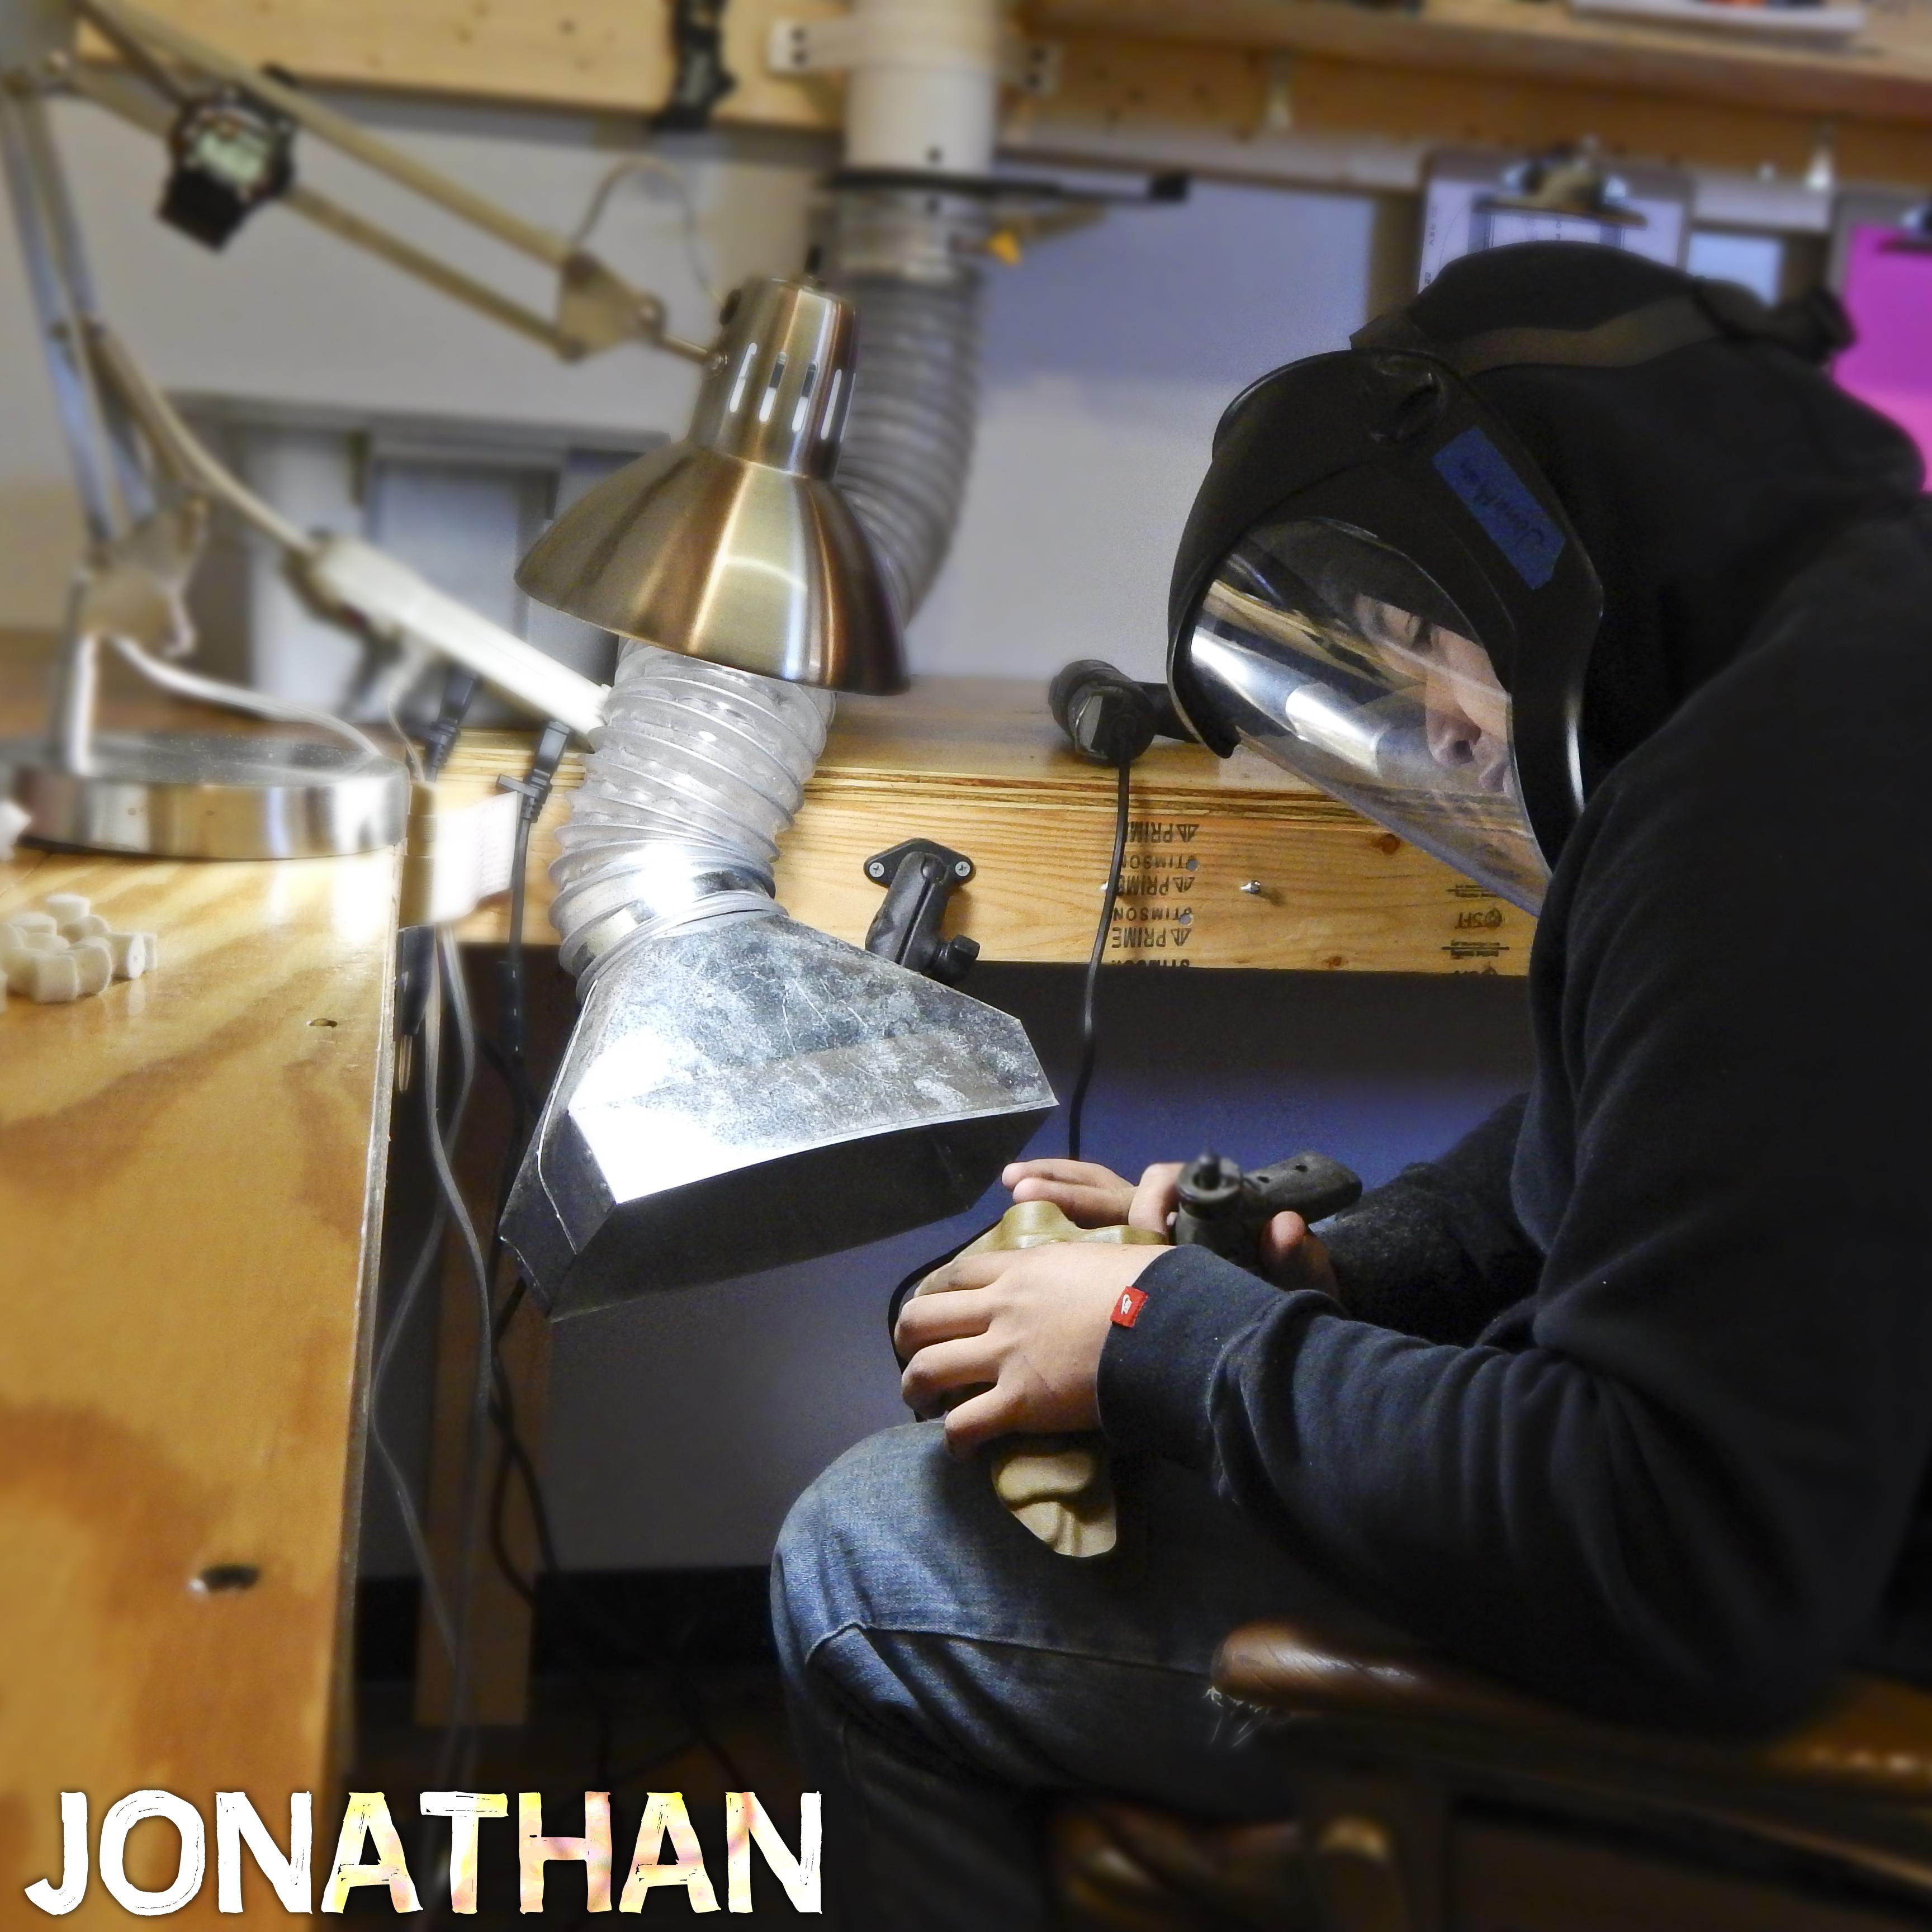 jonathan-2-1.jpg